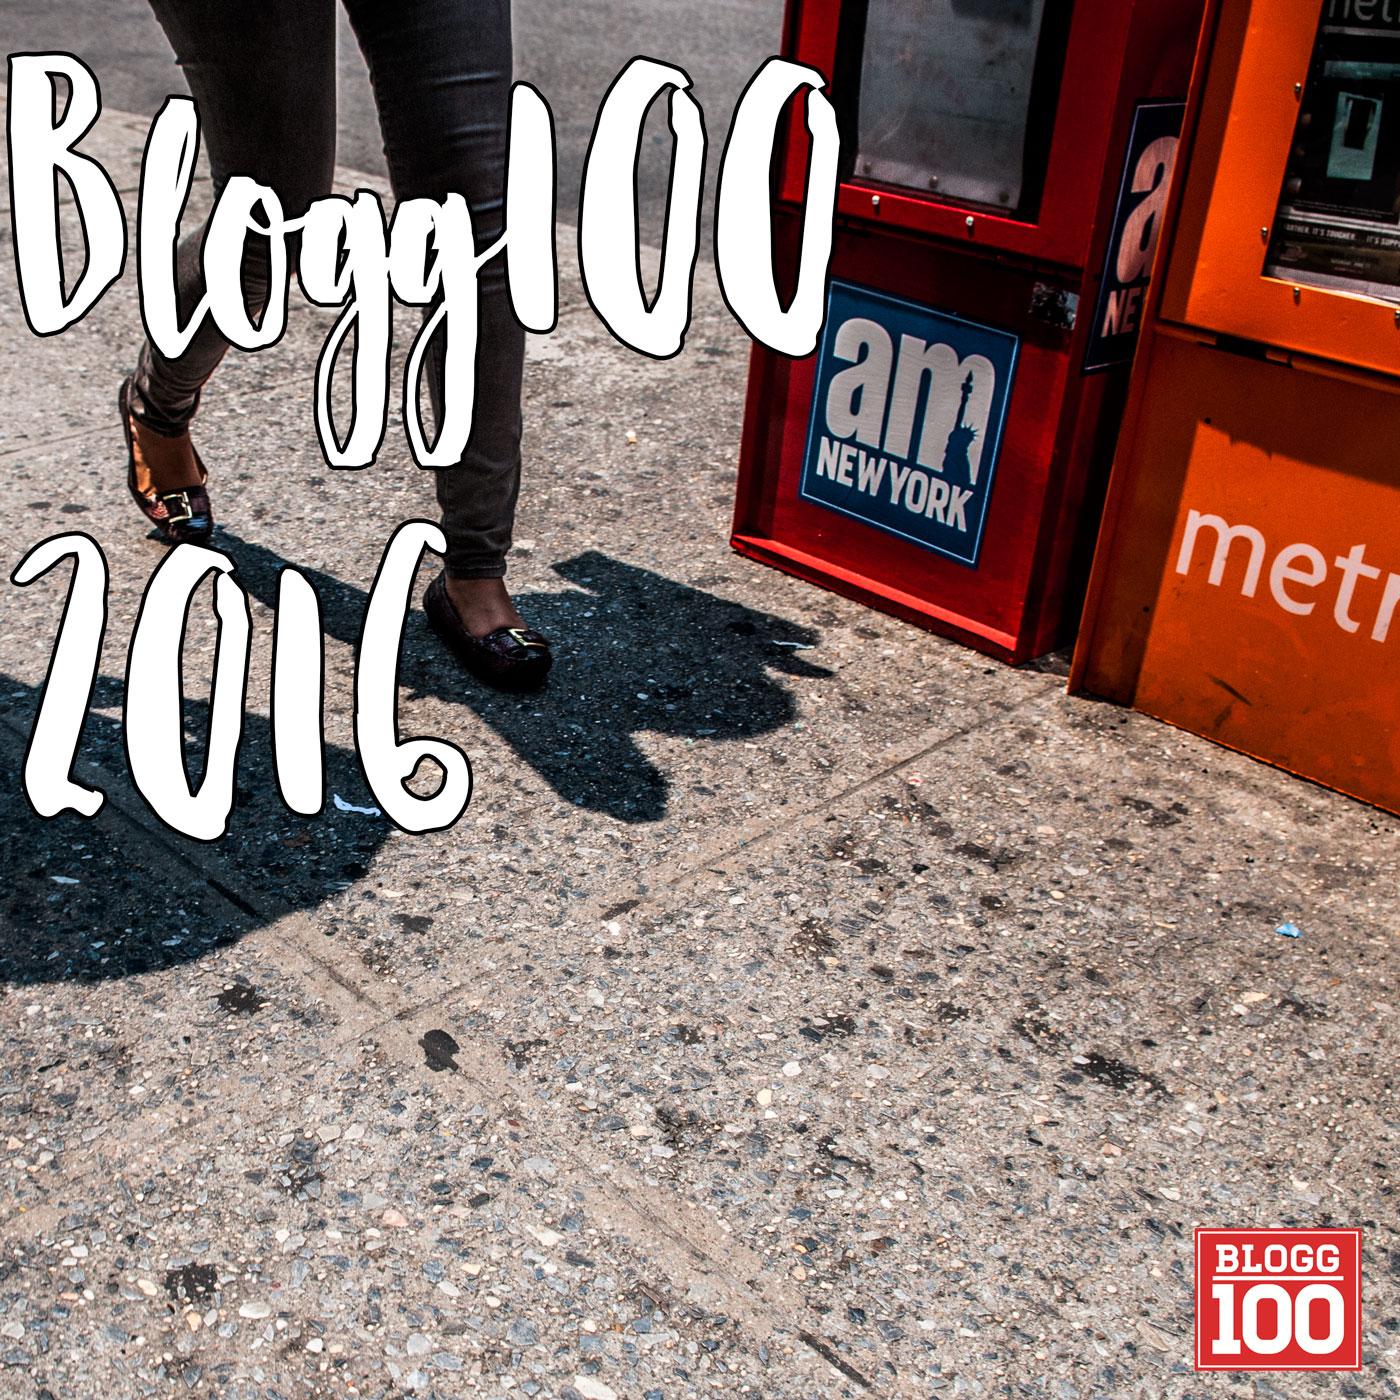 Polisverksamheten bör vara kommunal  #blogg100